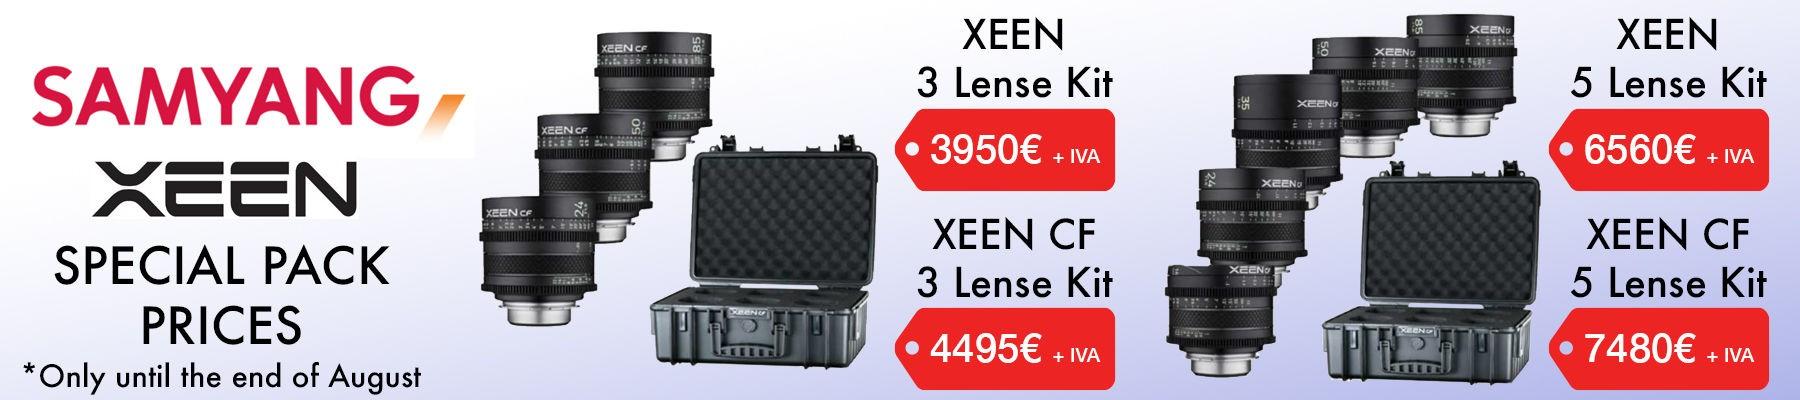 Samyang XEEN kits